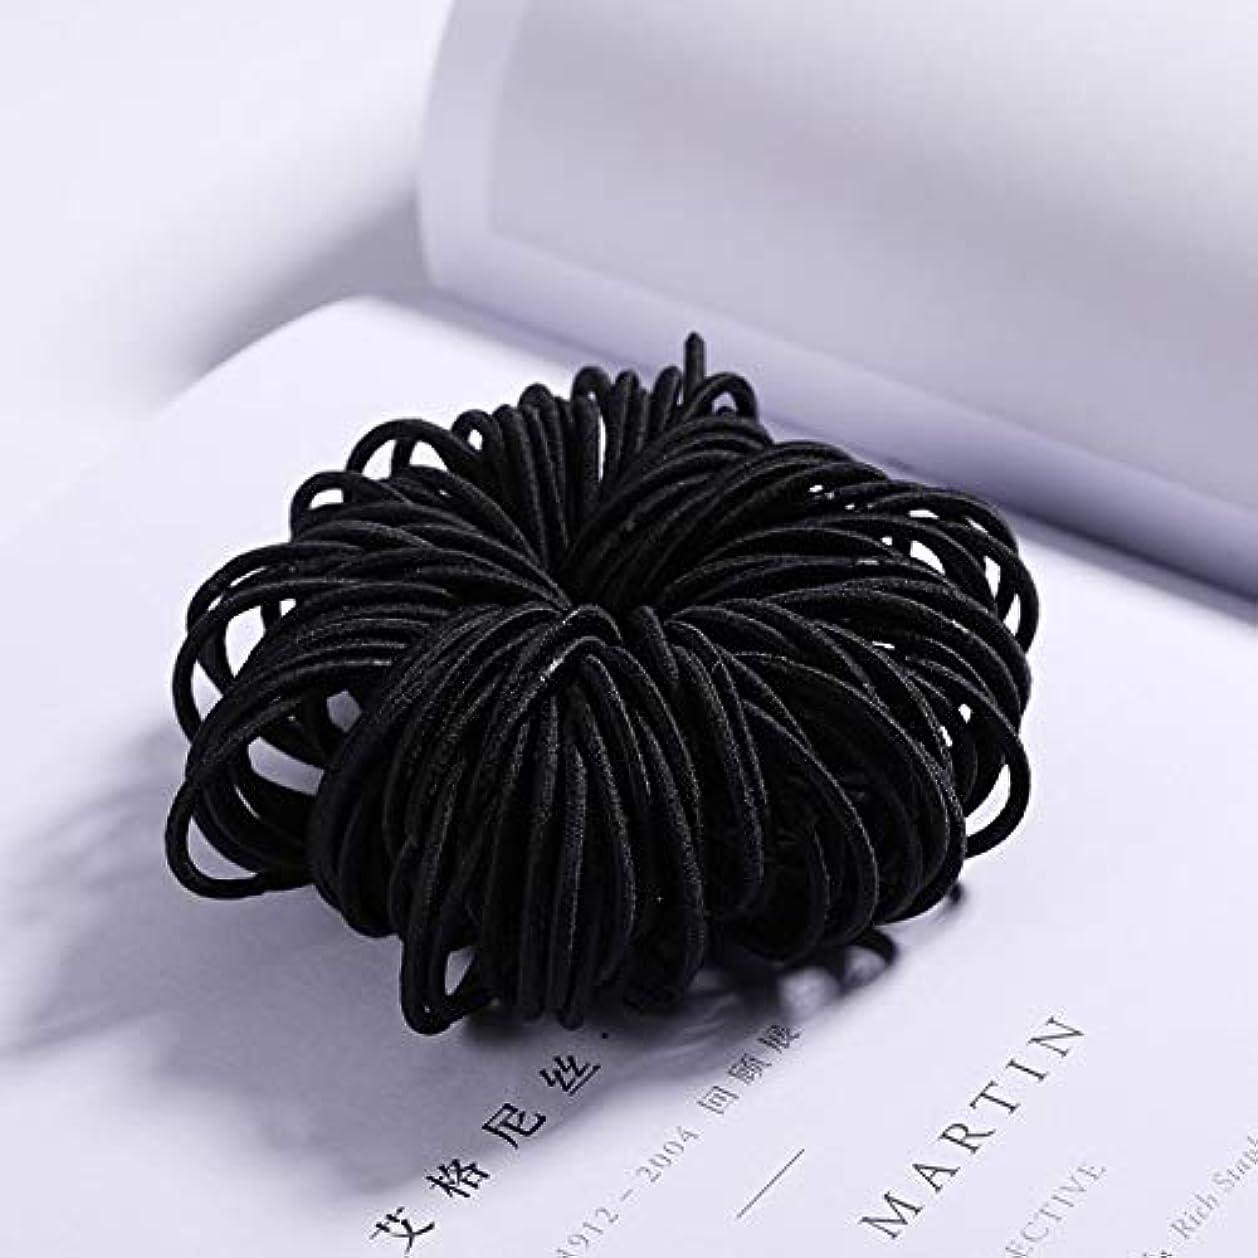 しおれたアプト苦味フラワーヘアピンFlowerHairpin YHMキャンディーカラーのナイロンゴムバンド子供用の安全な弾性ヘアバンド(ブラック) (色 : Black)